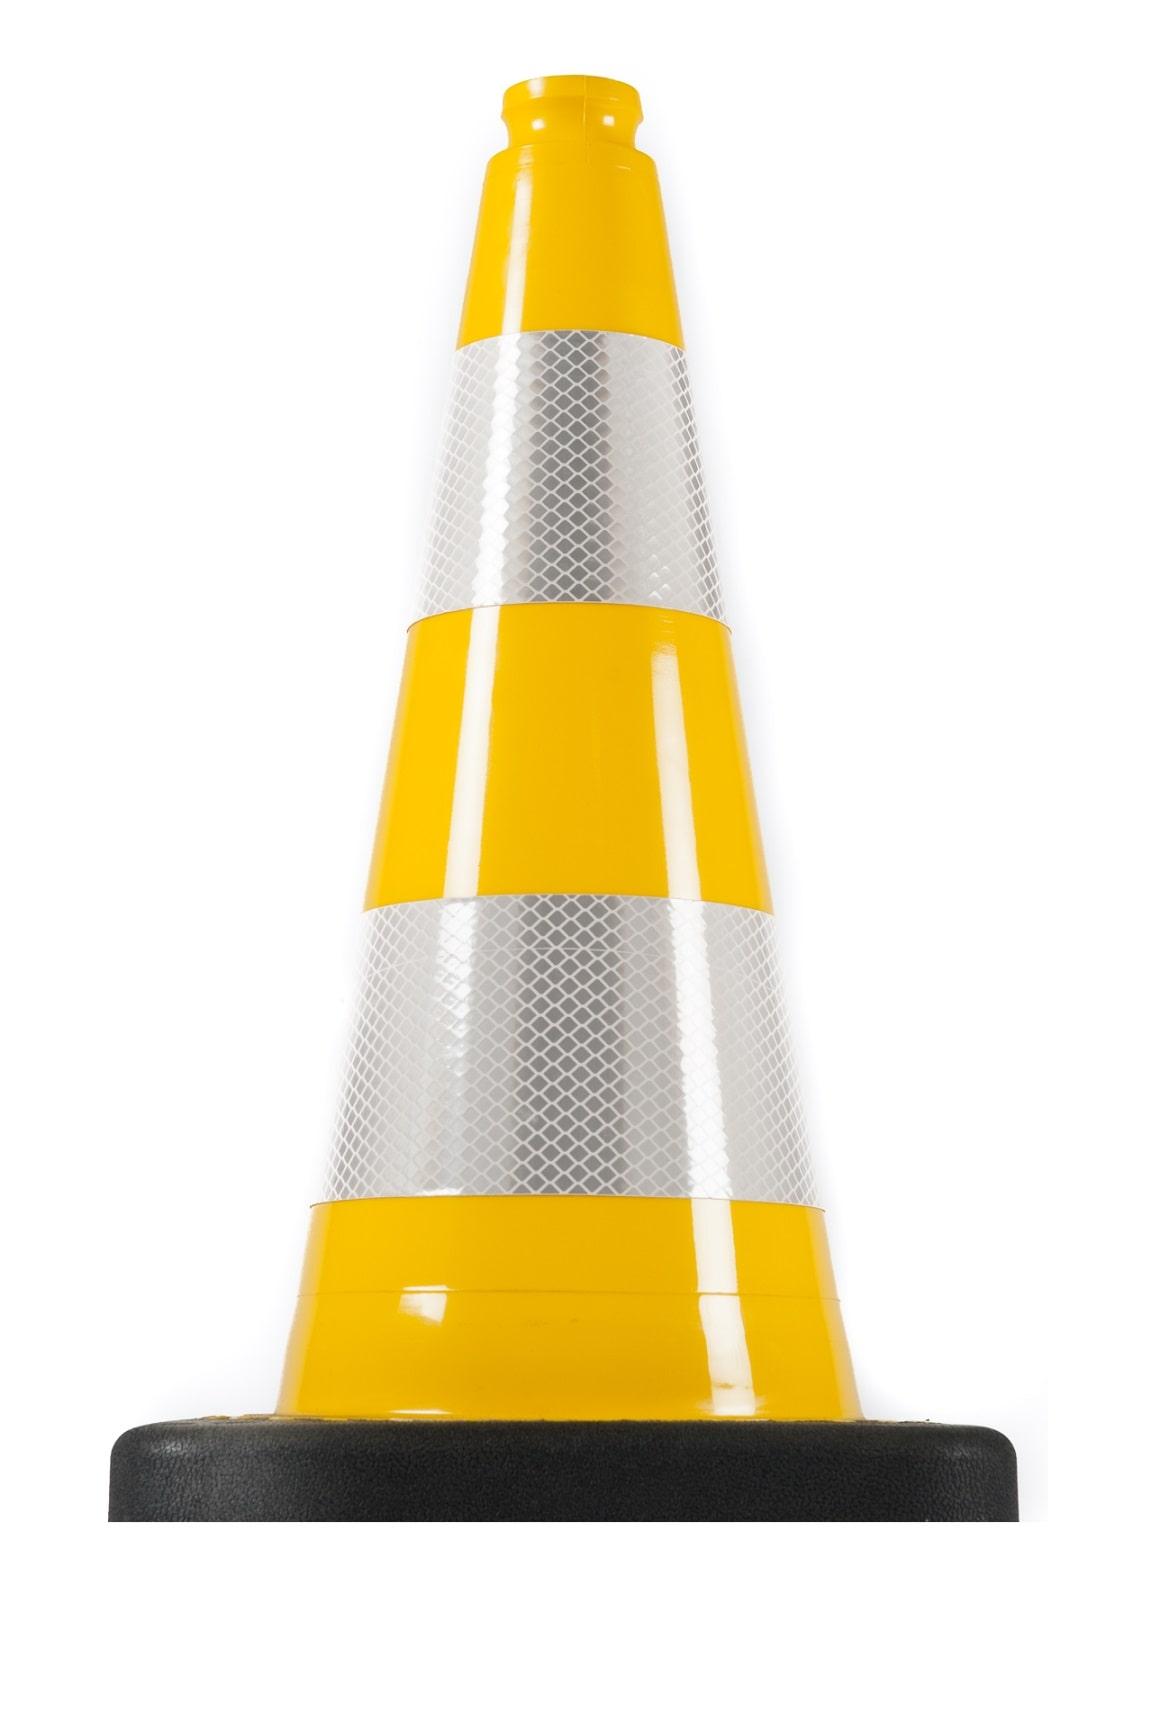 Нечупливи издържливи светлоотразителни гъвкави пътни конуси жълт цвят